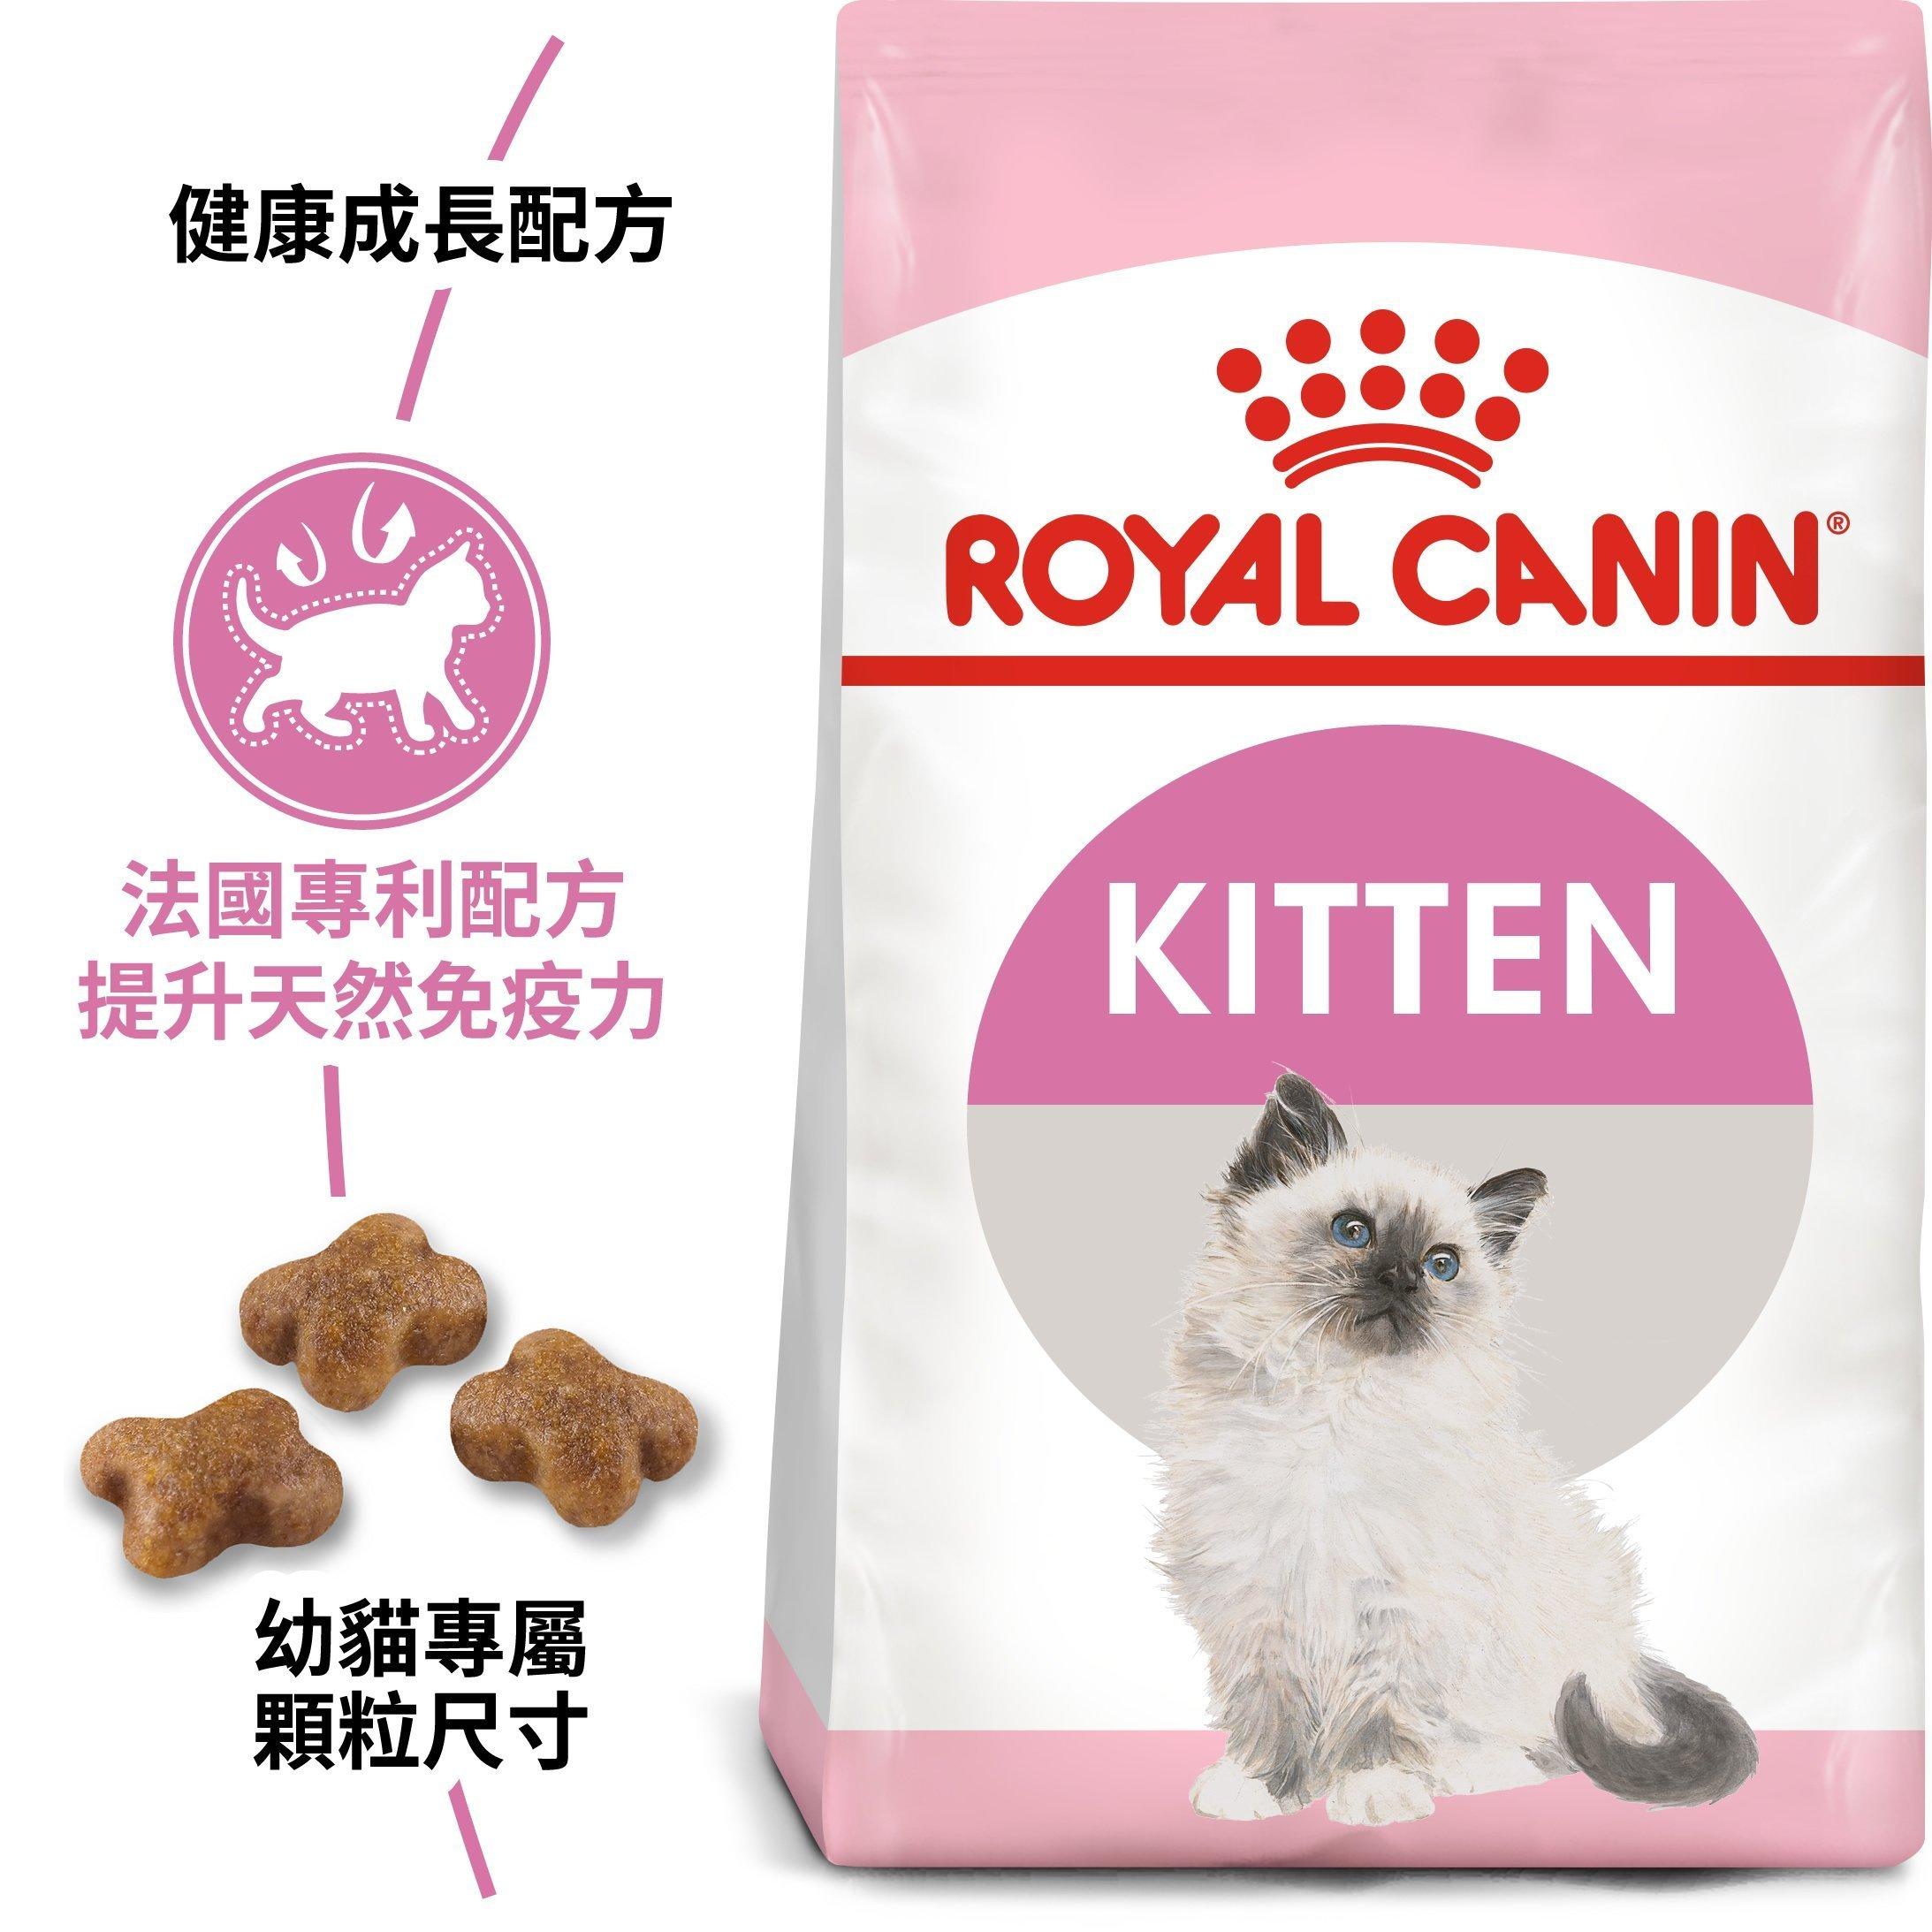 小Q狗~法國皇家 ROYAL CANIN 貓飼料K36幼母貓、懷孕貓專用貓飼料 貓乾糧~4公斤/包